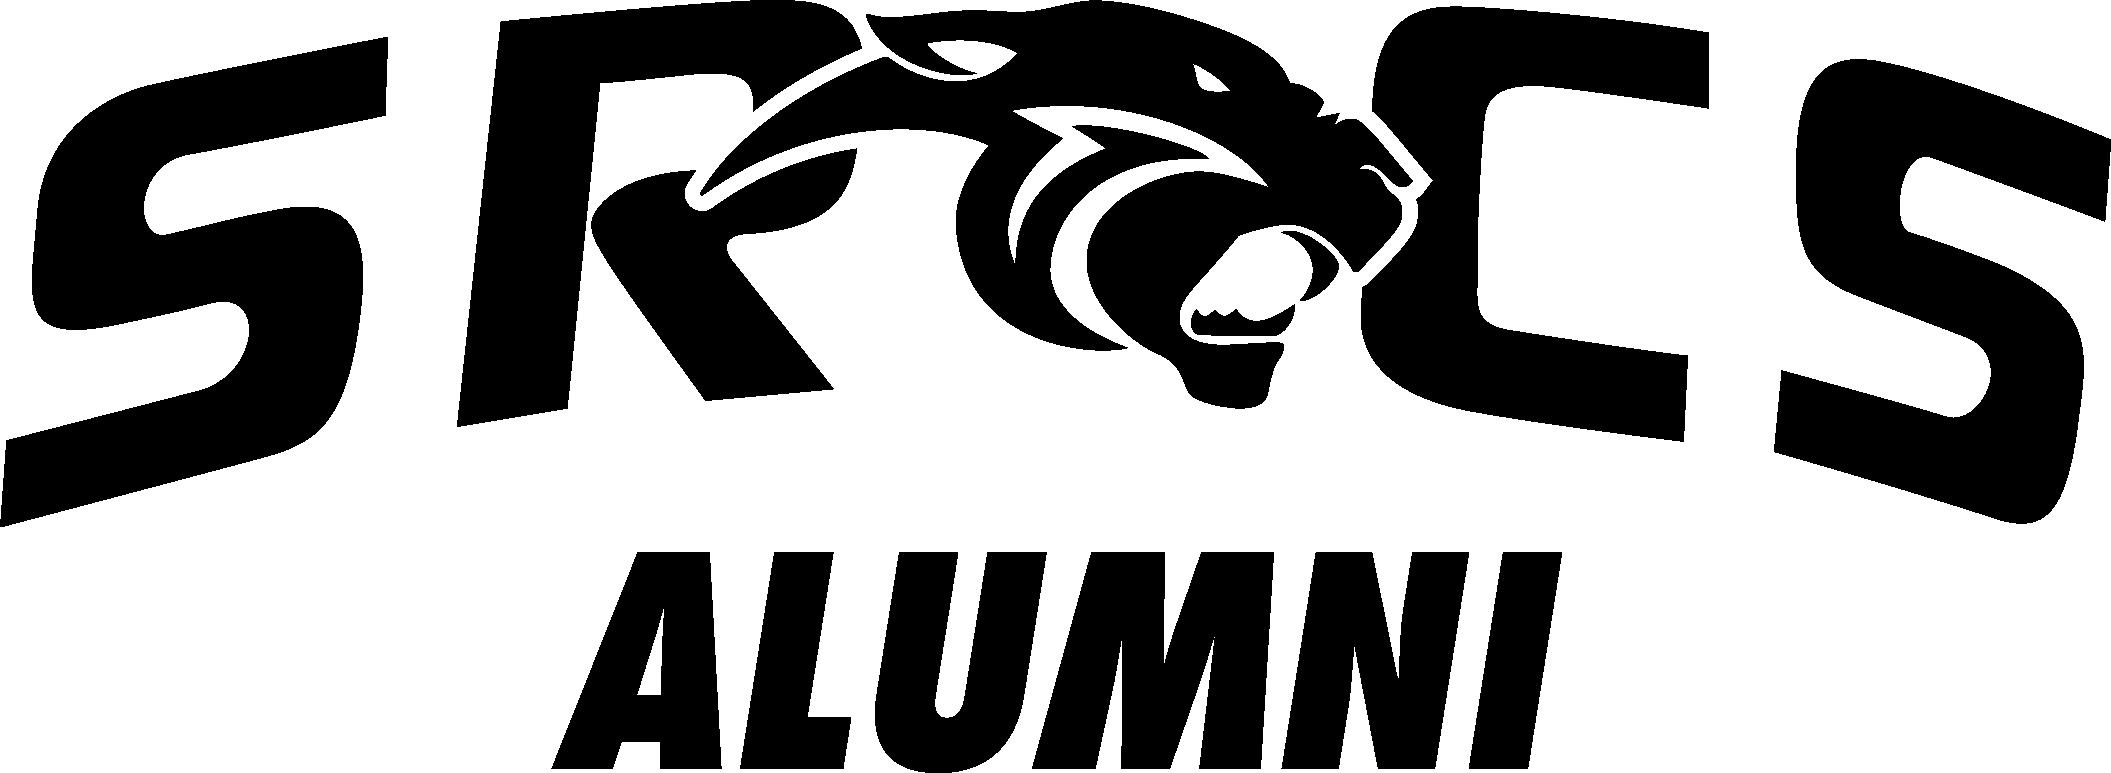 srcs-alum